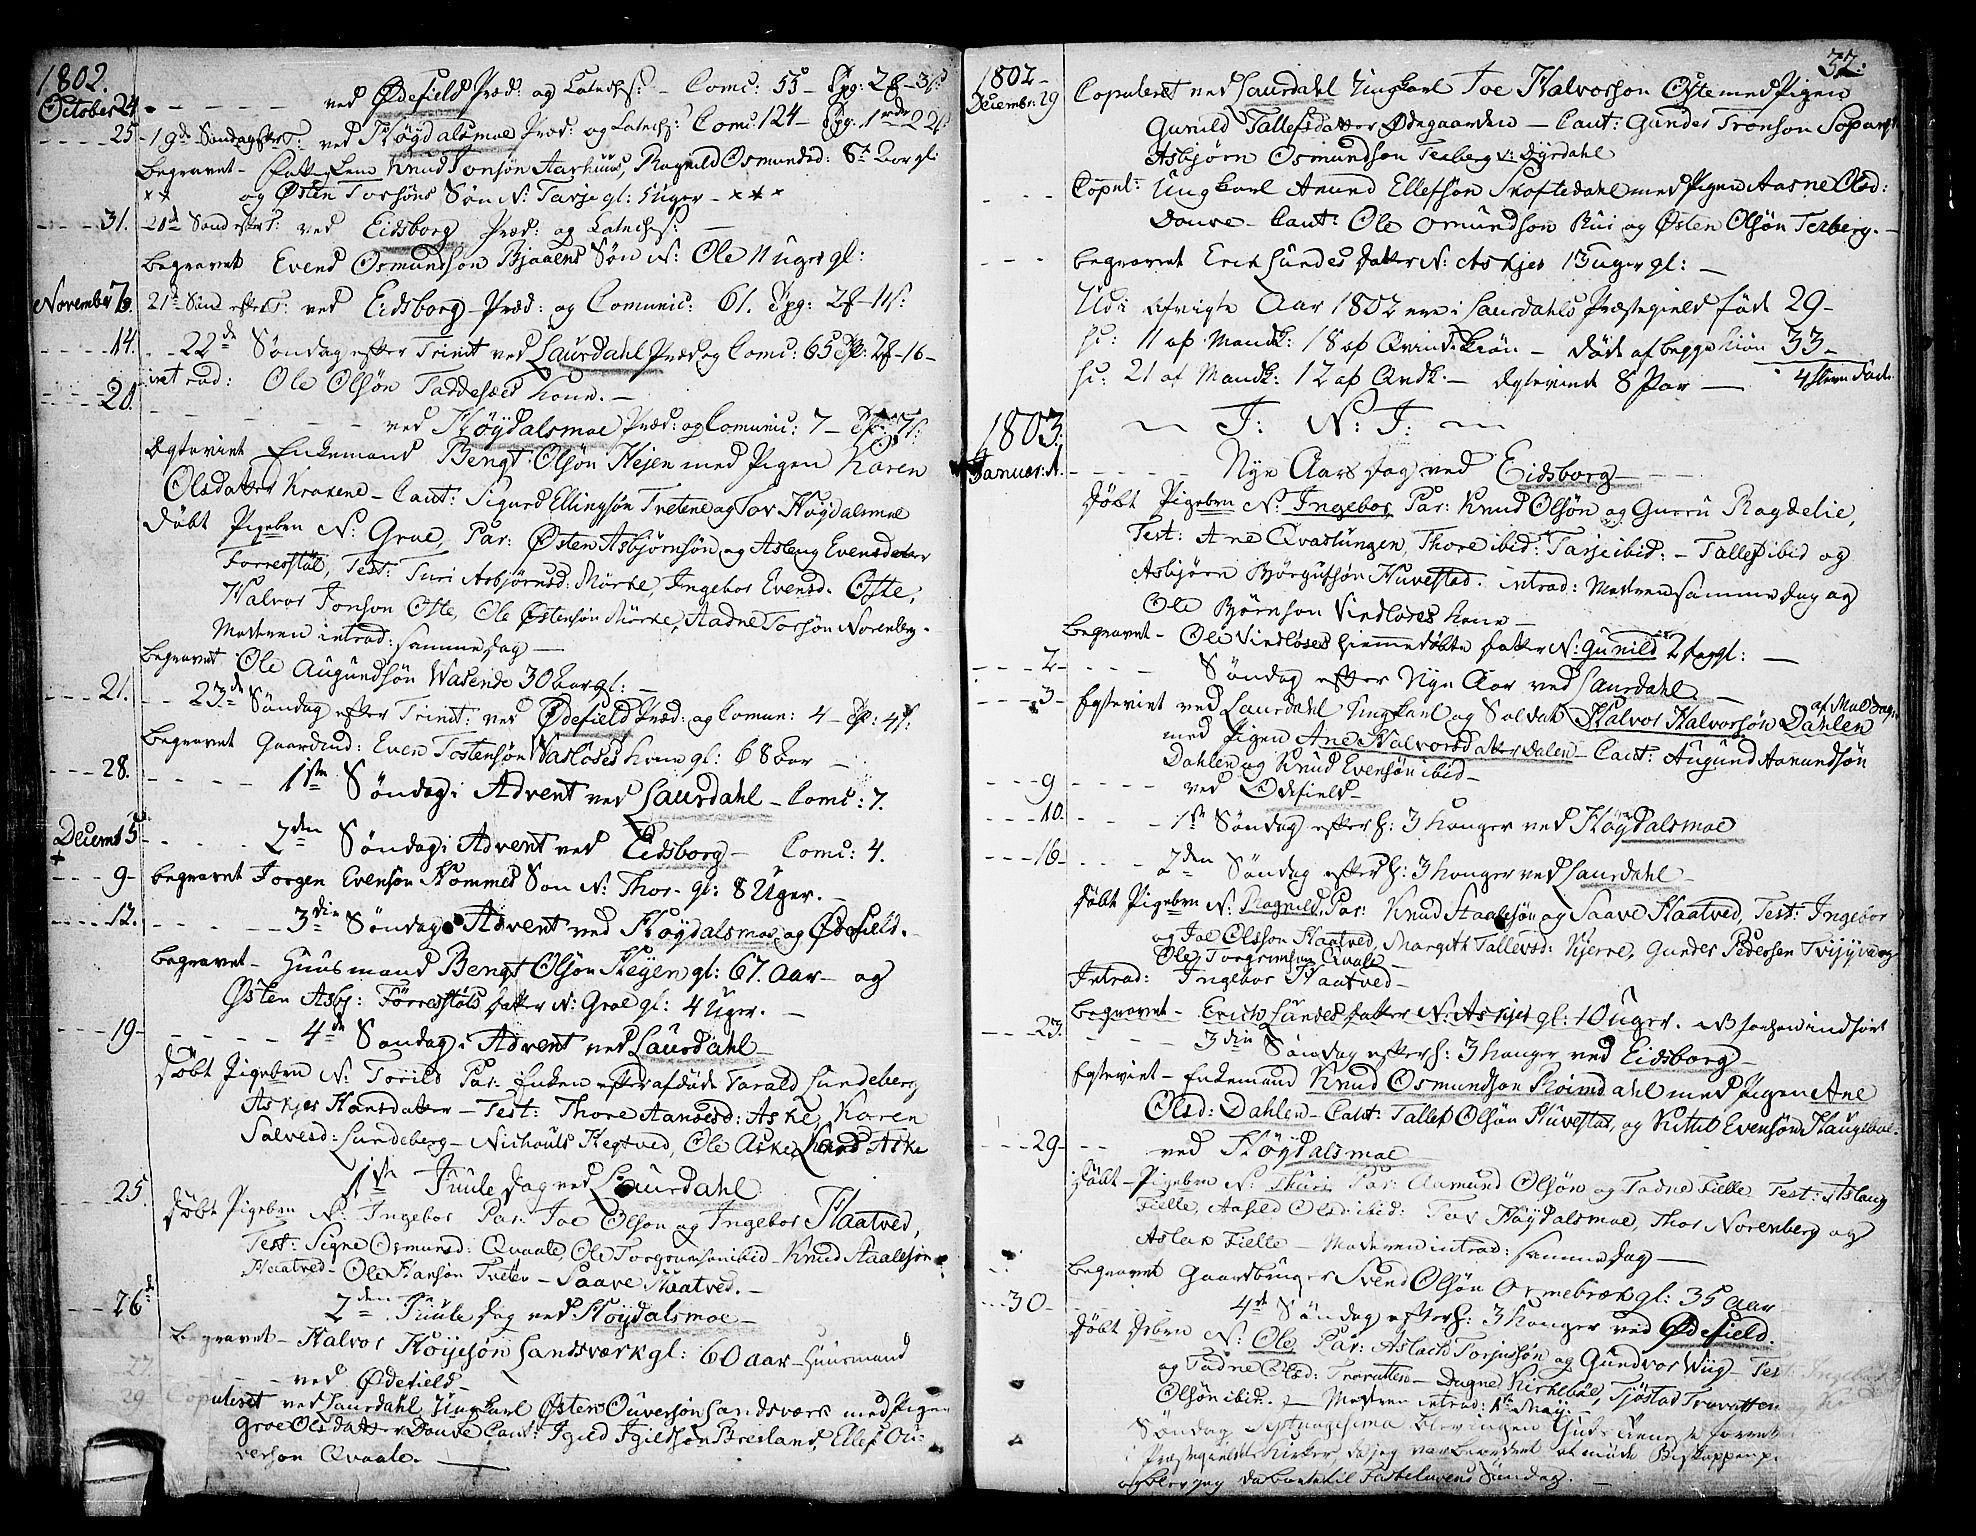 SAKO, Lårdal kirkebøker, F/Fa/L0004: Ministerialbok nr. I 4, 1790-1814, s. 32